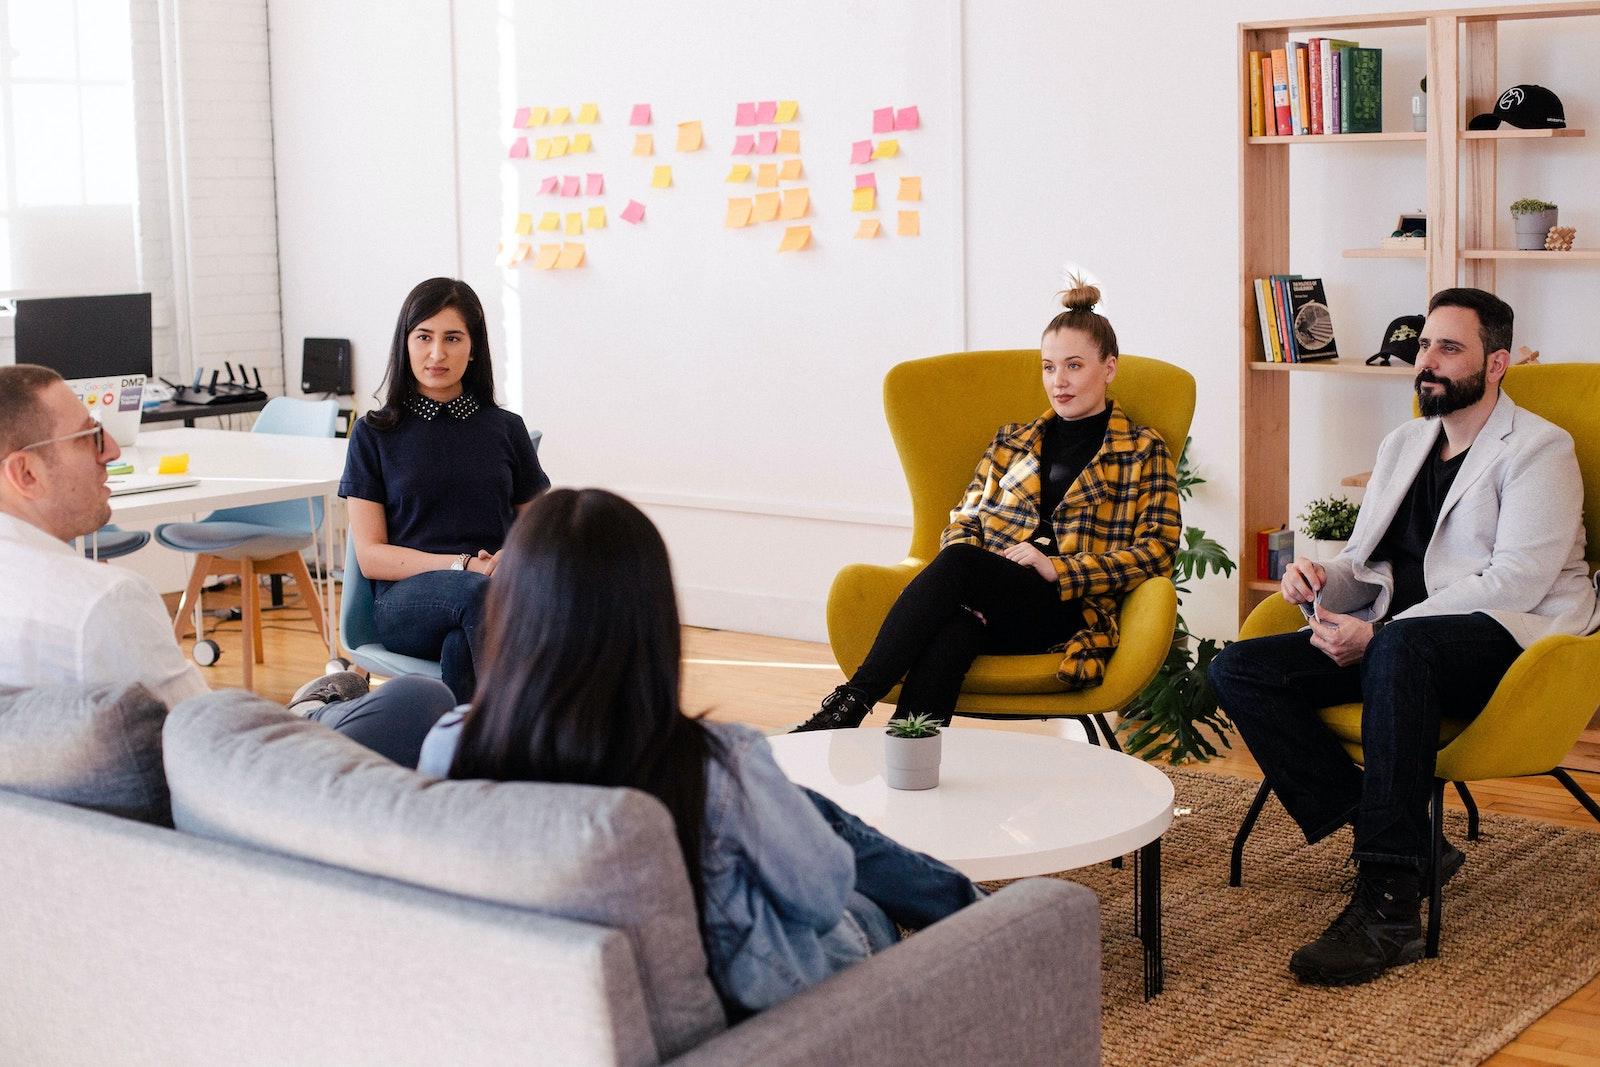 рабочая группа обсуждает проект